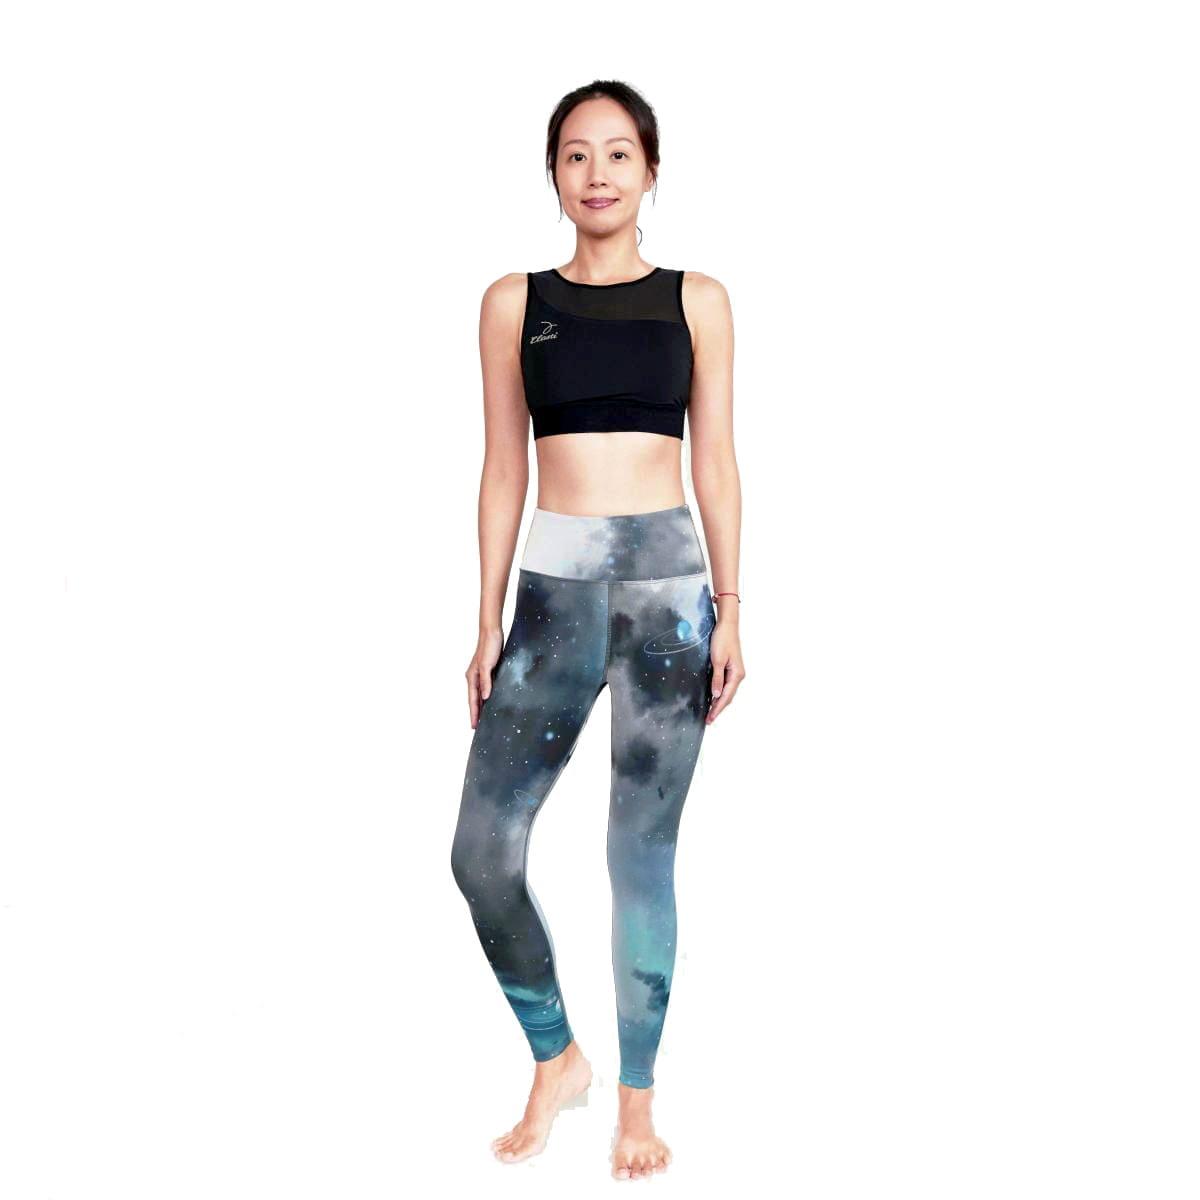 【ELASTI】典莎瑜珈褲(碘紗抗菌除臭機能)-宇宙星系 1